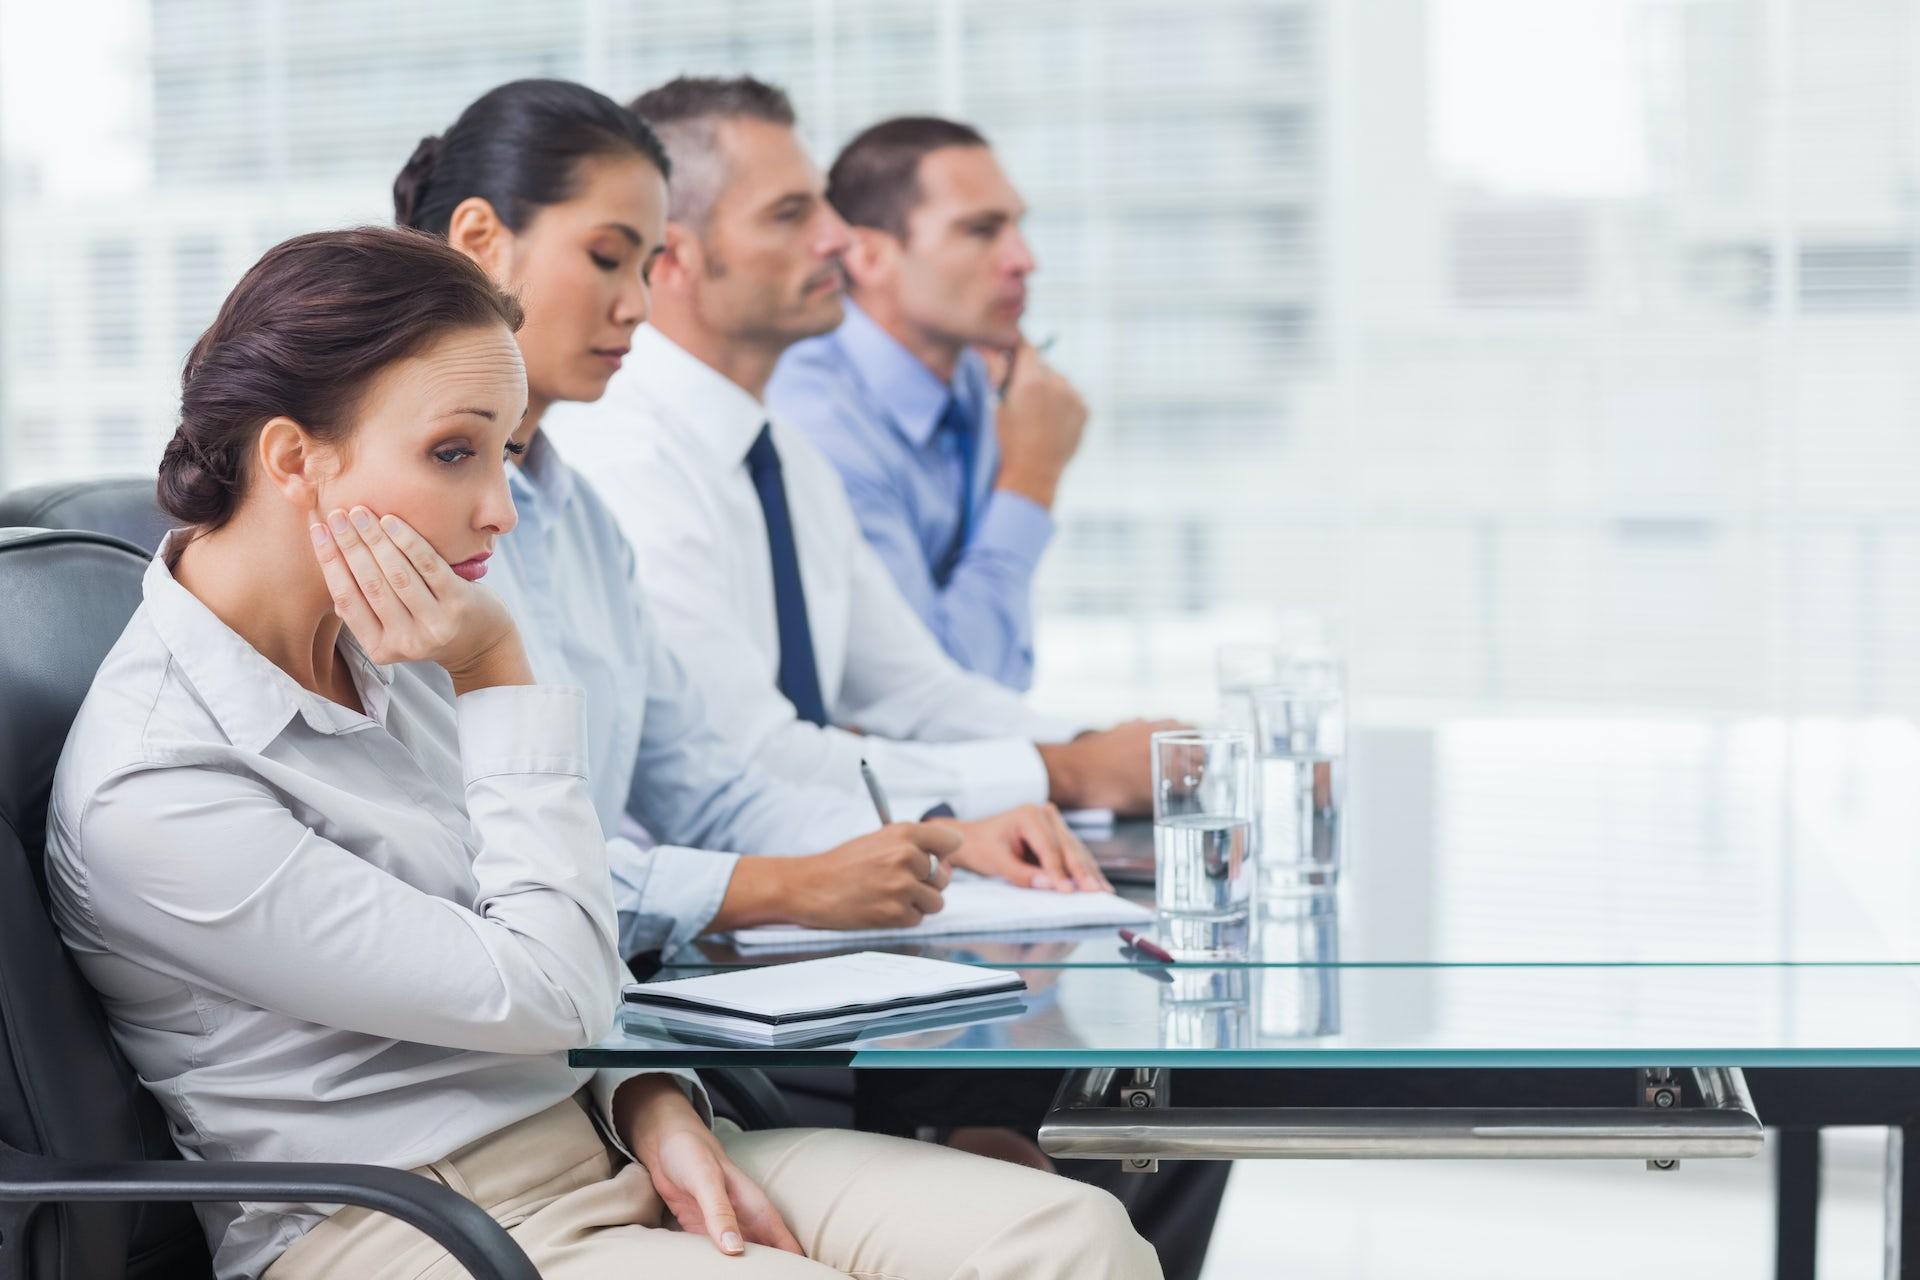 Orateurs, sachez éviter les travers des logiciels de présentation